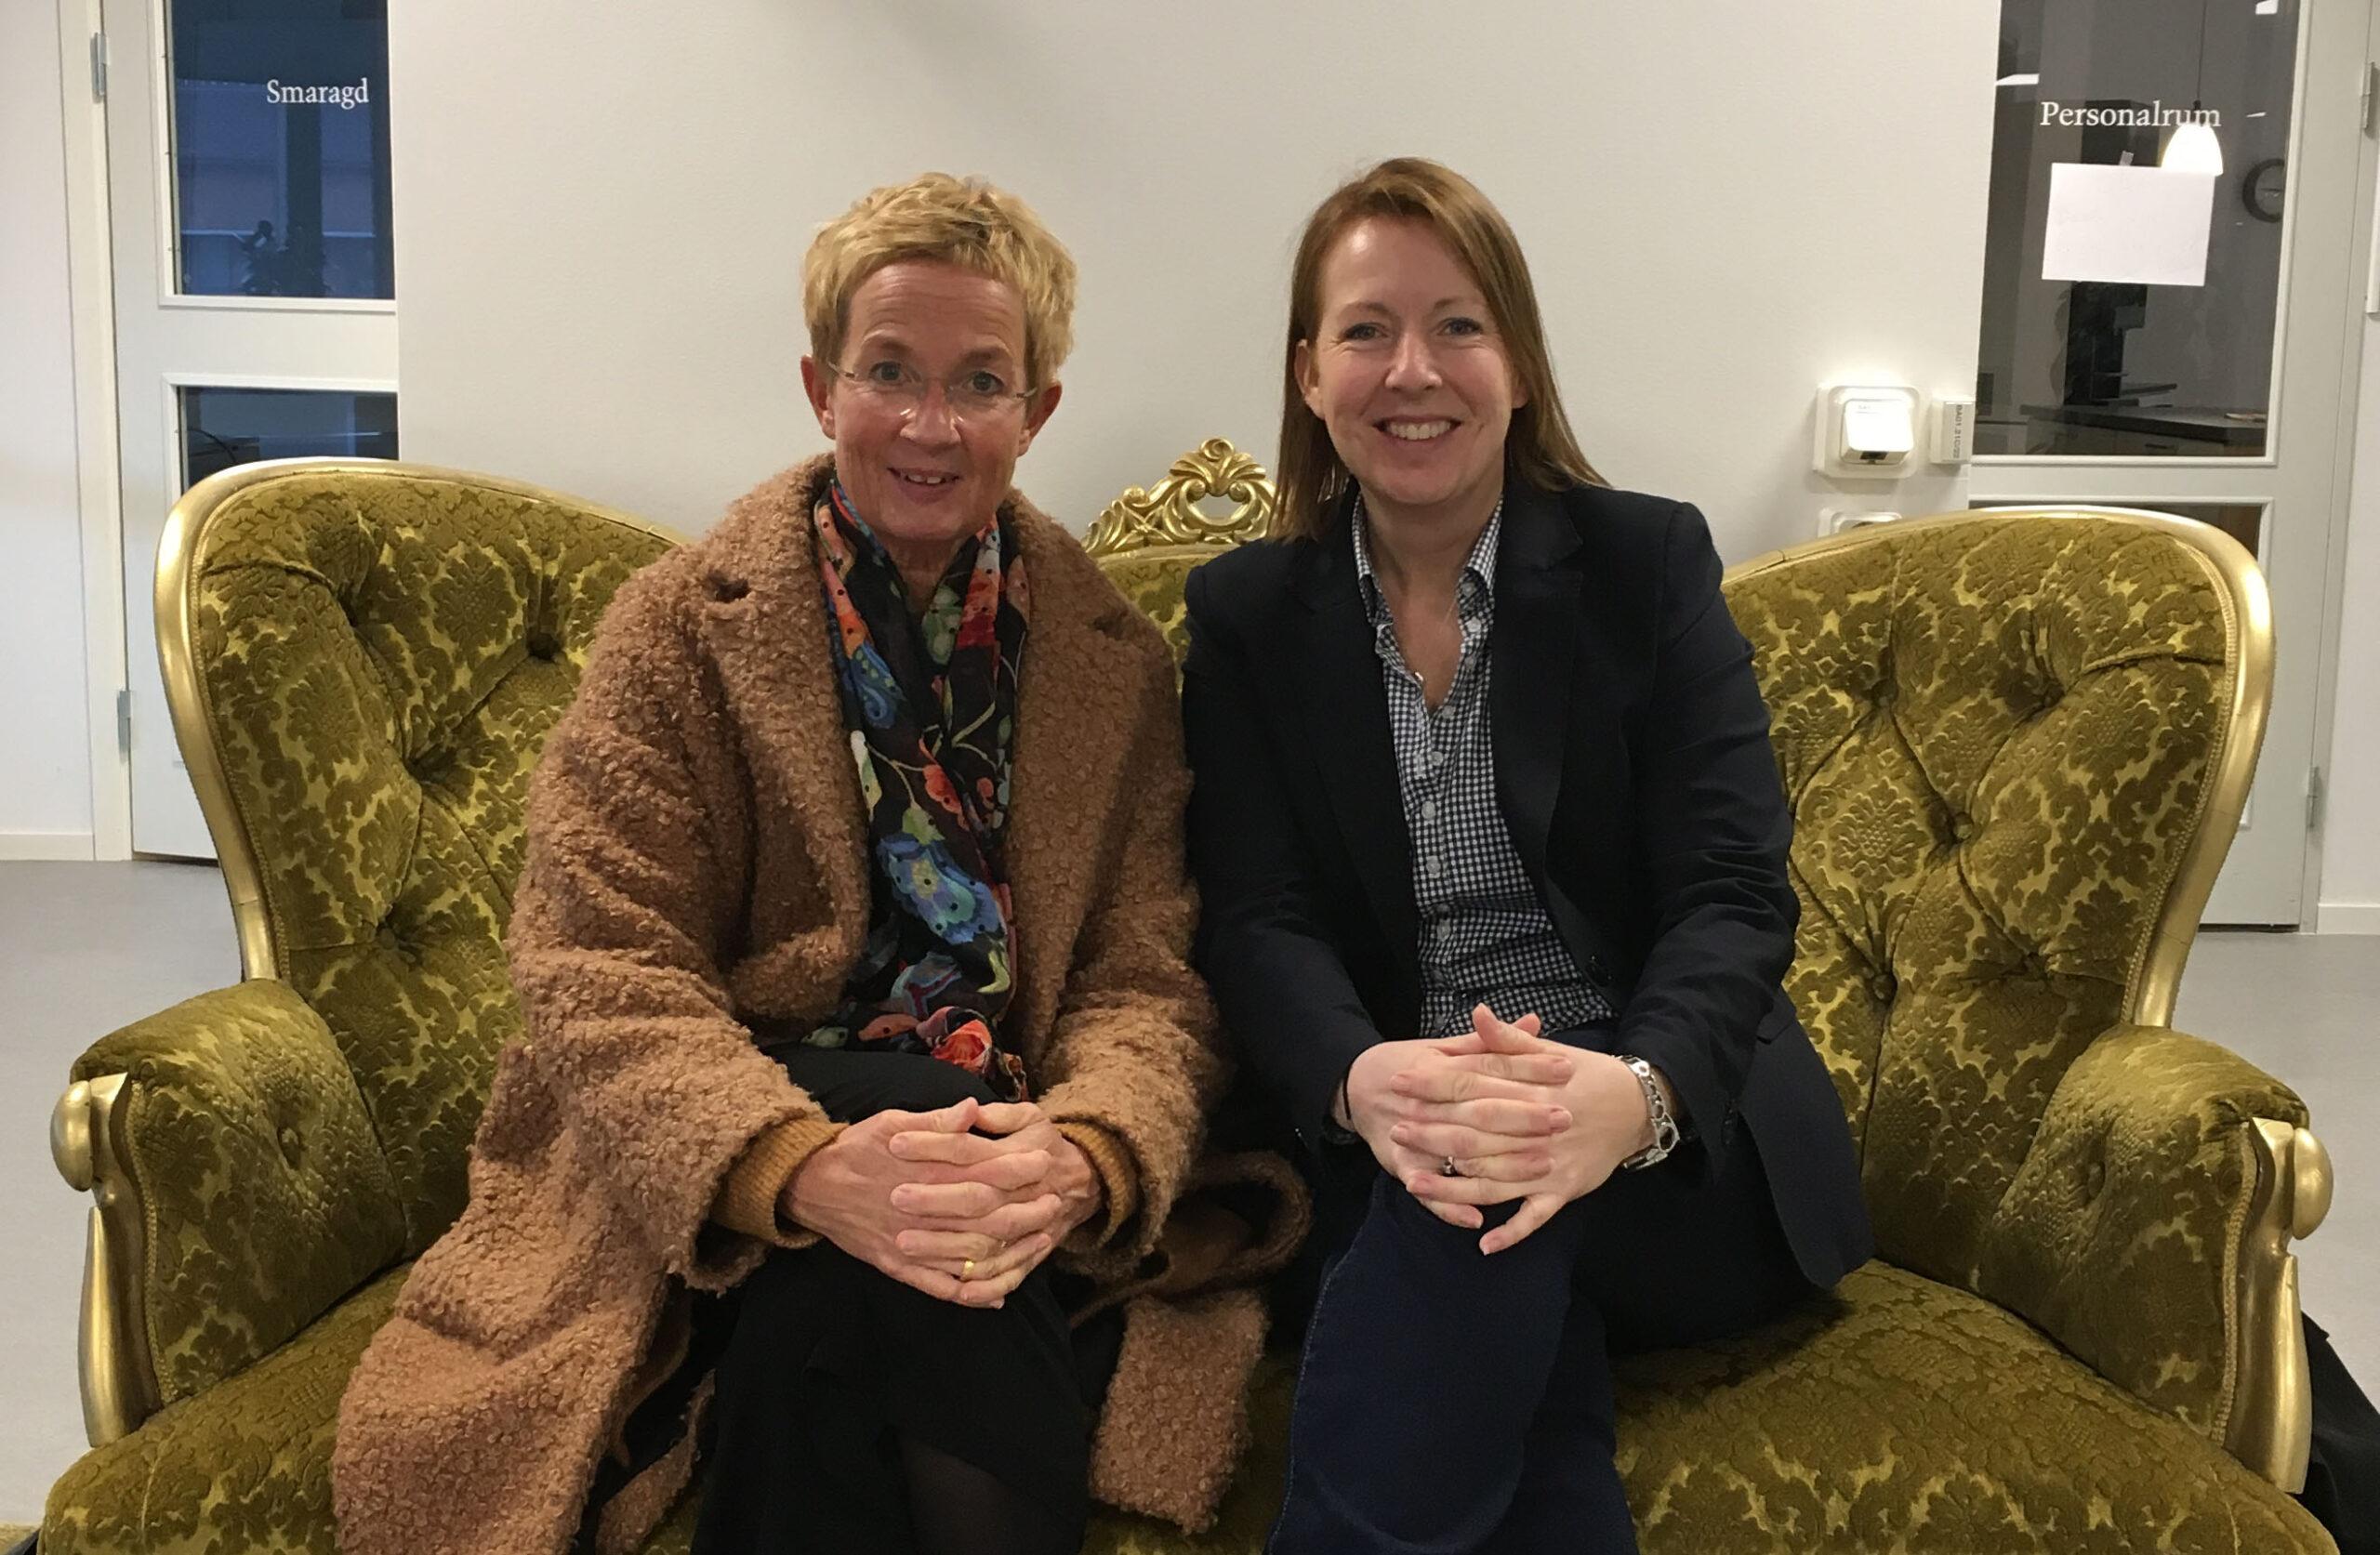 Kristina Säfsten & Malin Rosqvist